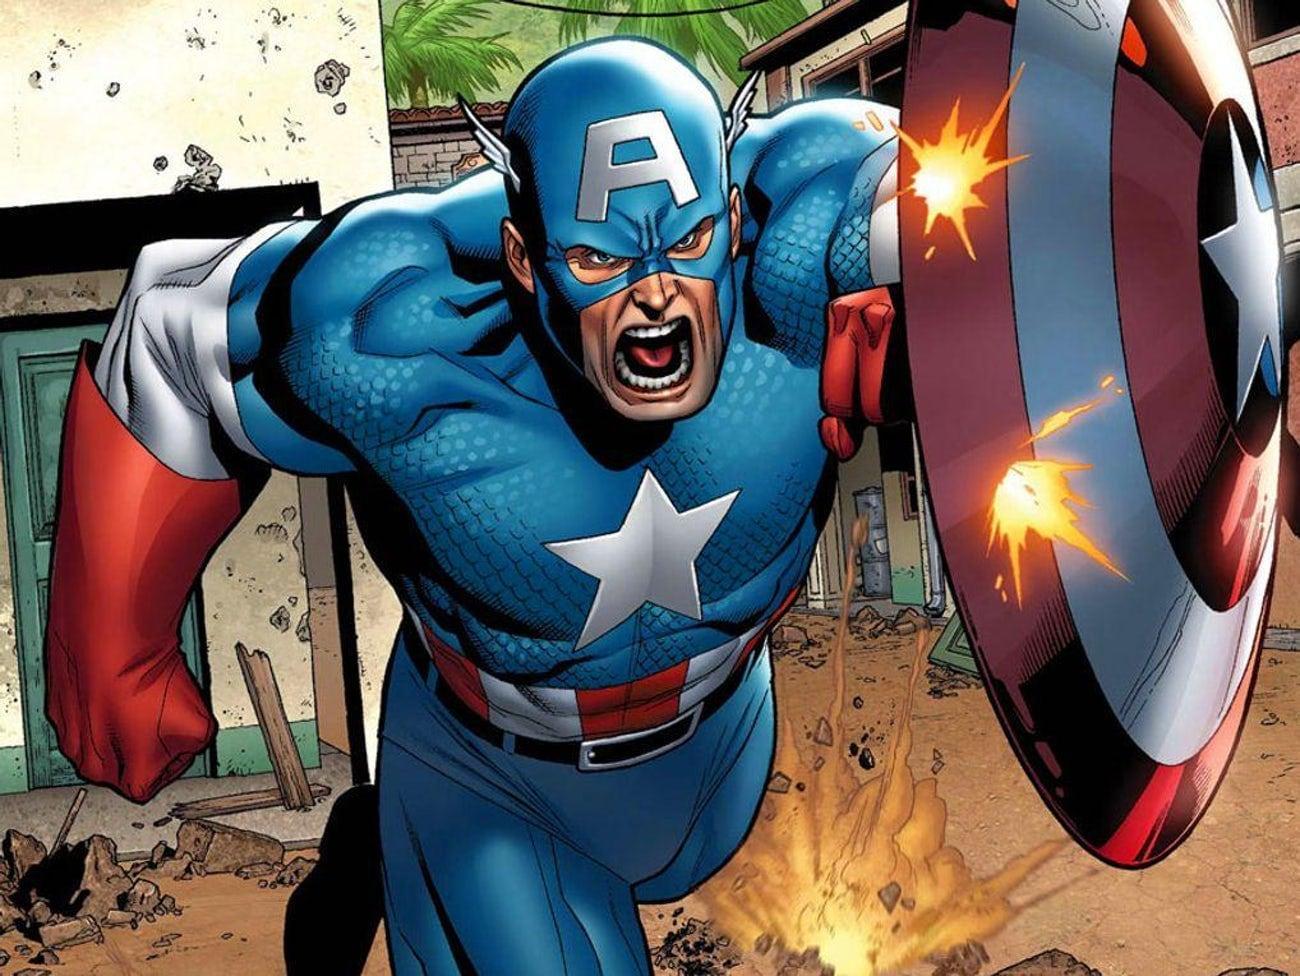 Капитан Америка занимает 2 место в списке 14 любимых супергероев, которых вы забыли, хладнокровных убийц.